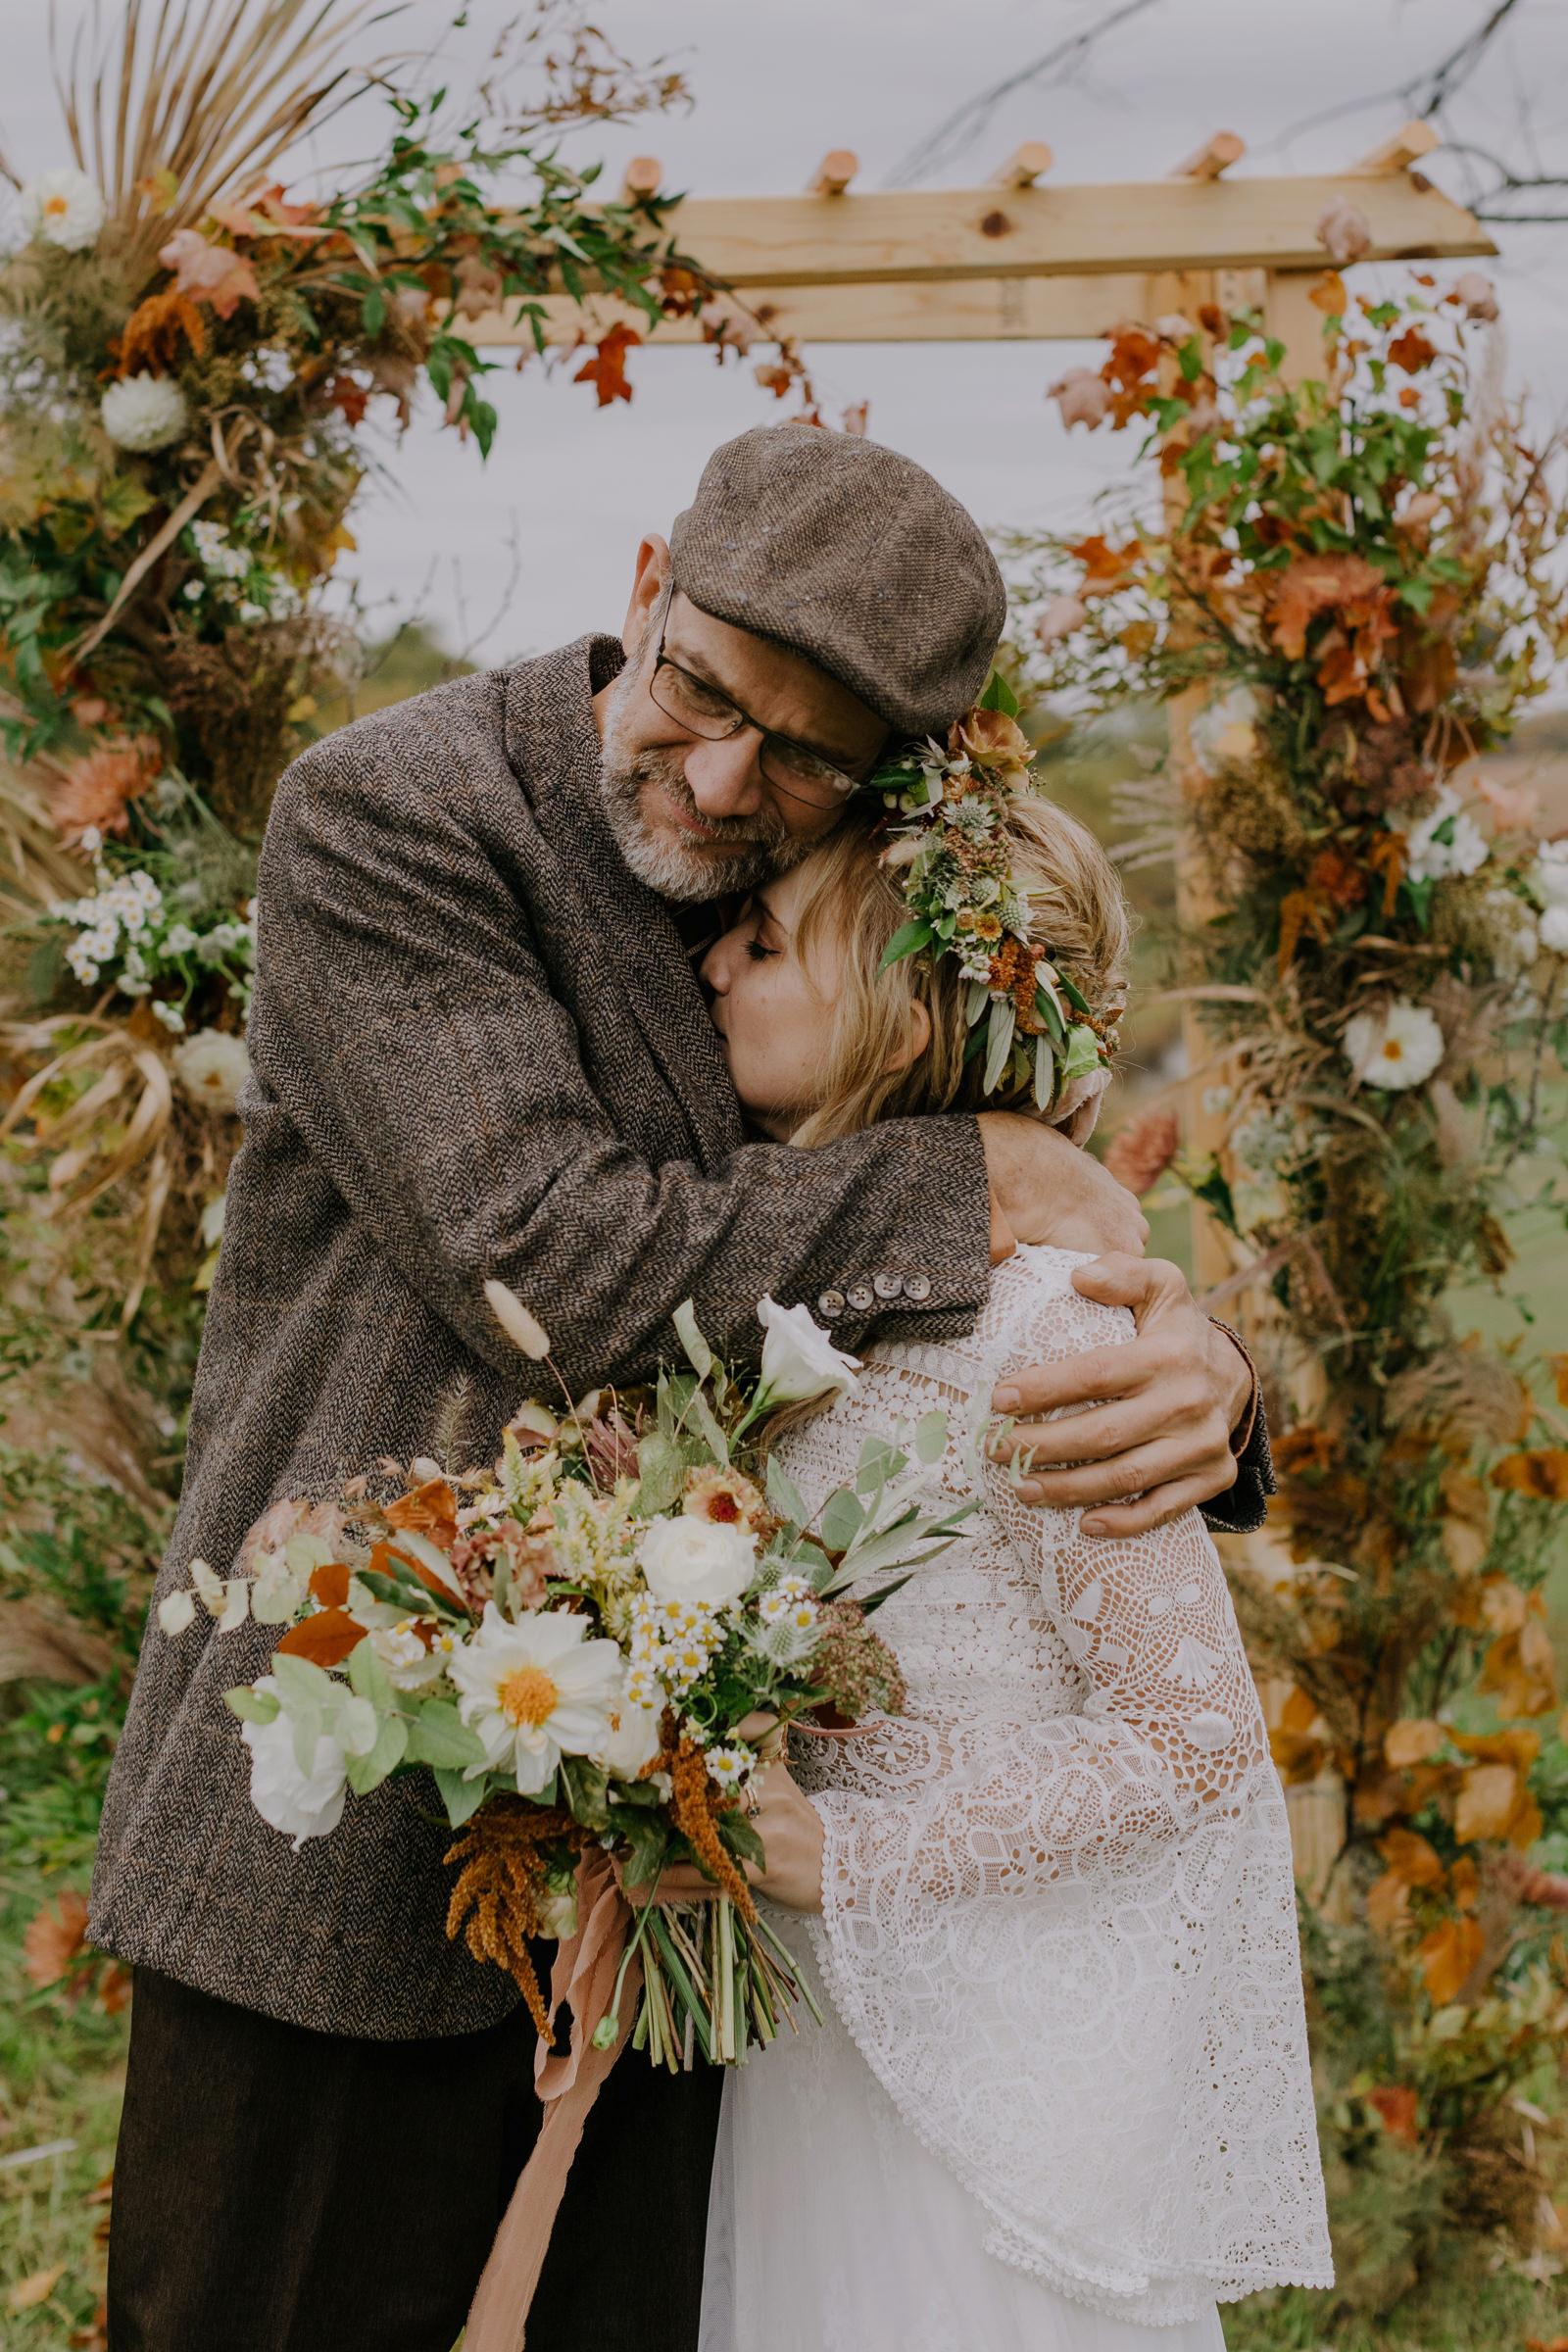 father-embraces-bride-against-floral-arbor-nirav-patel-photography